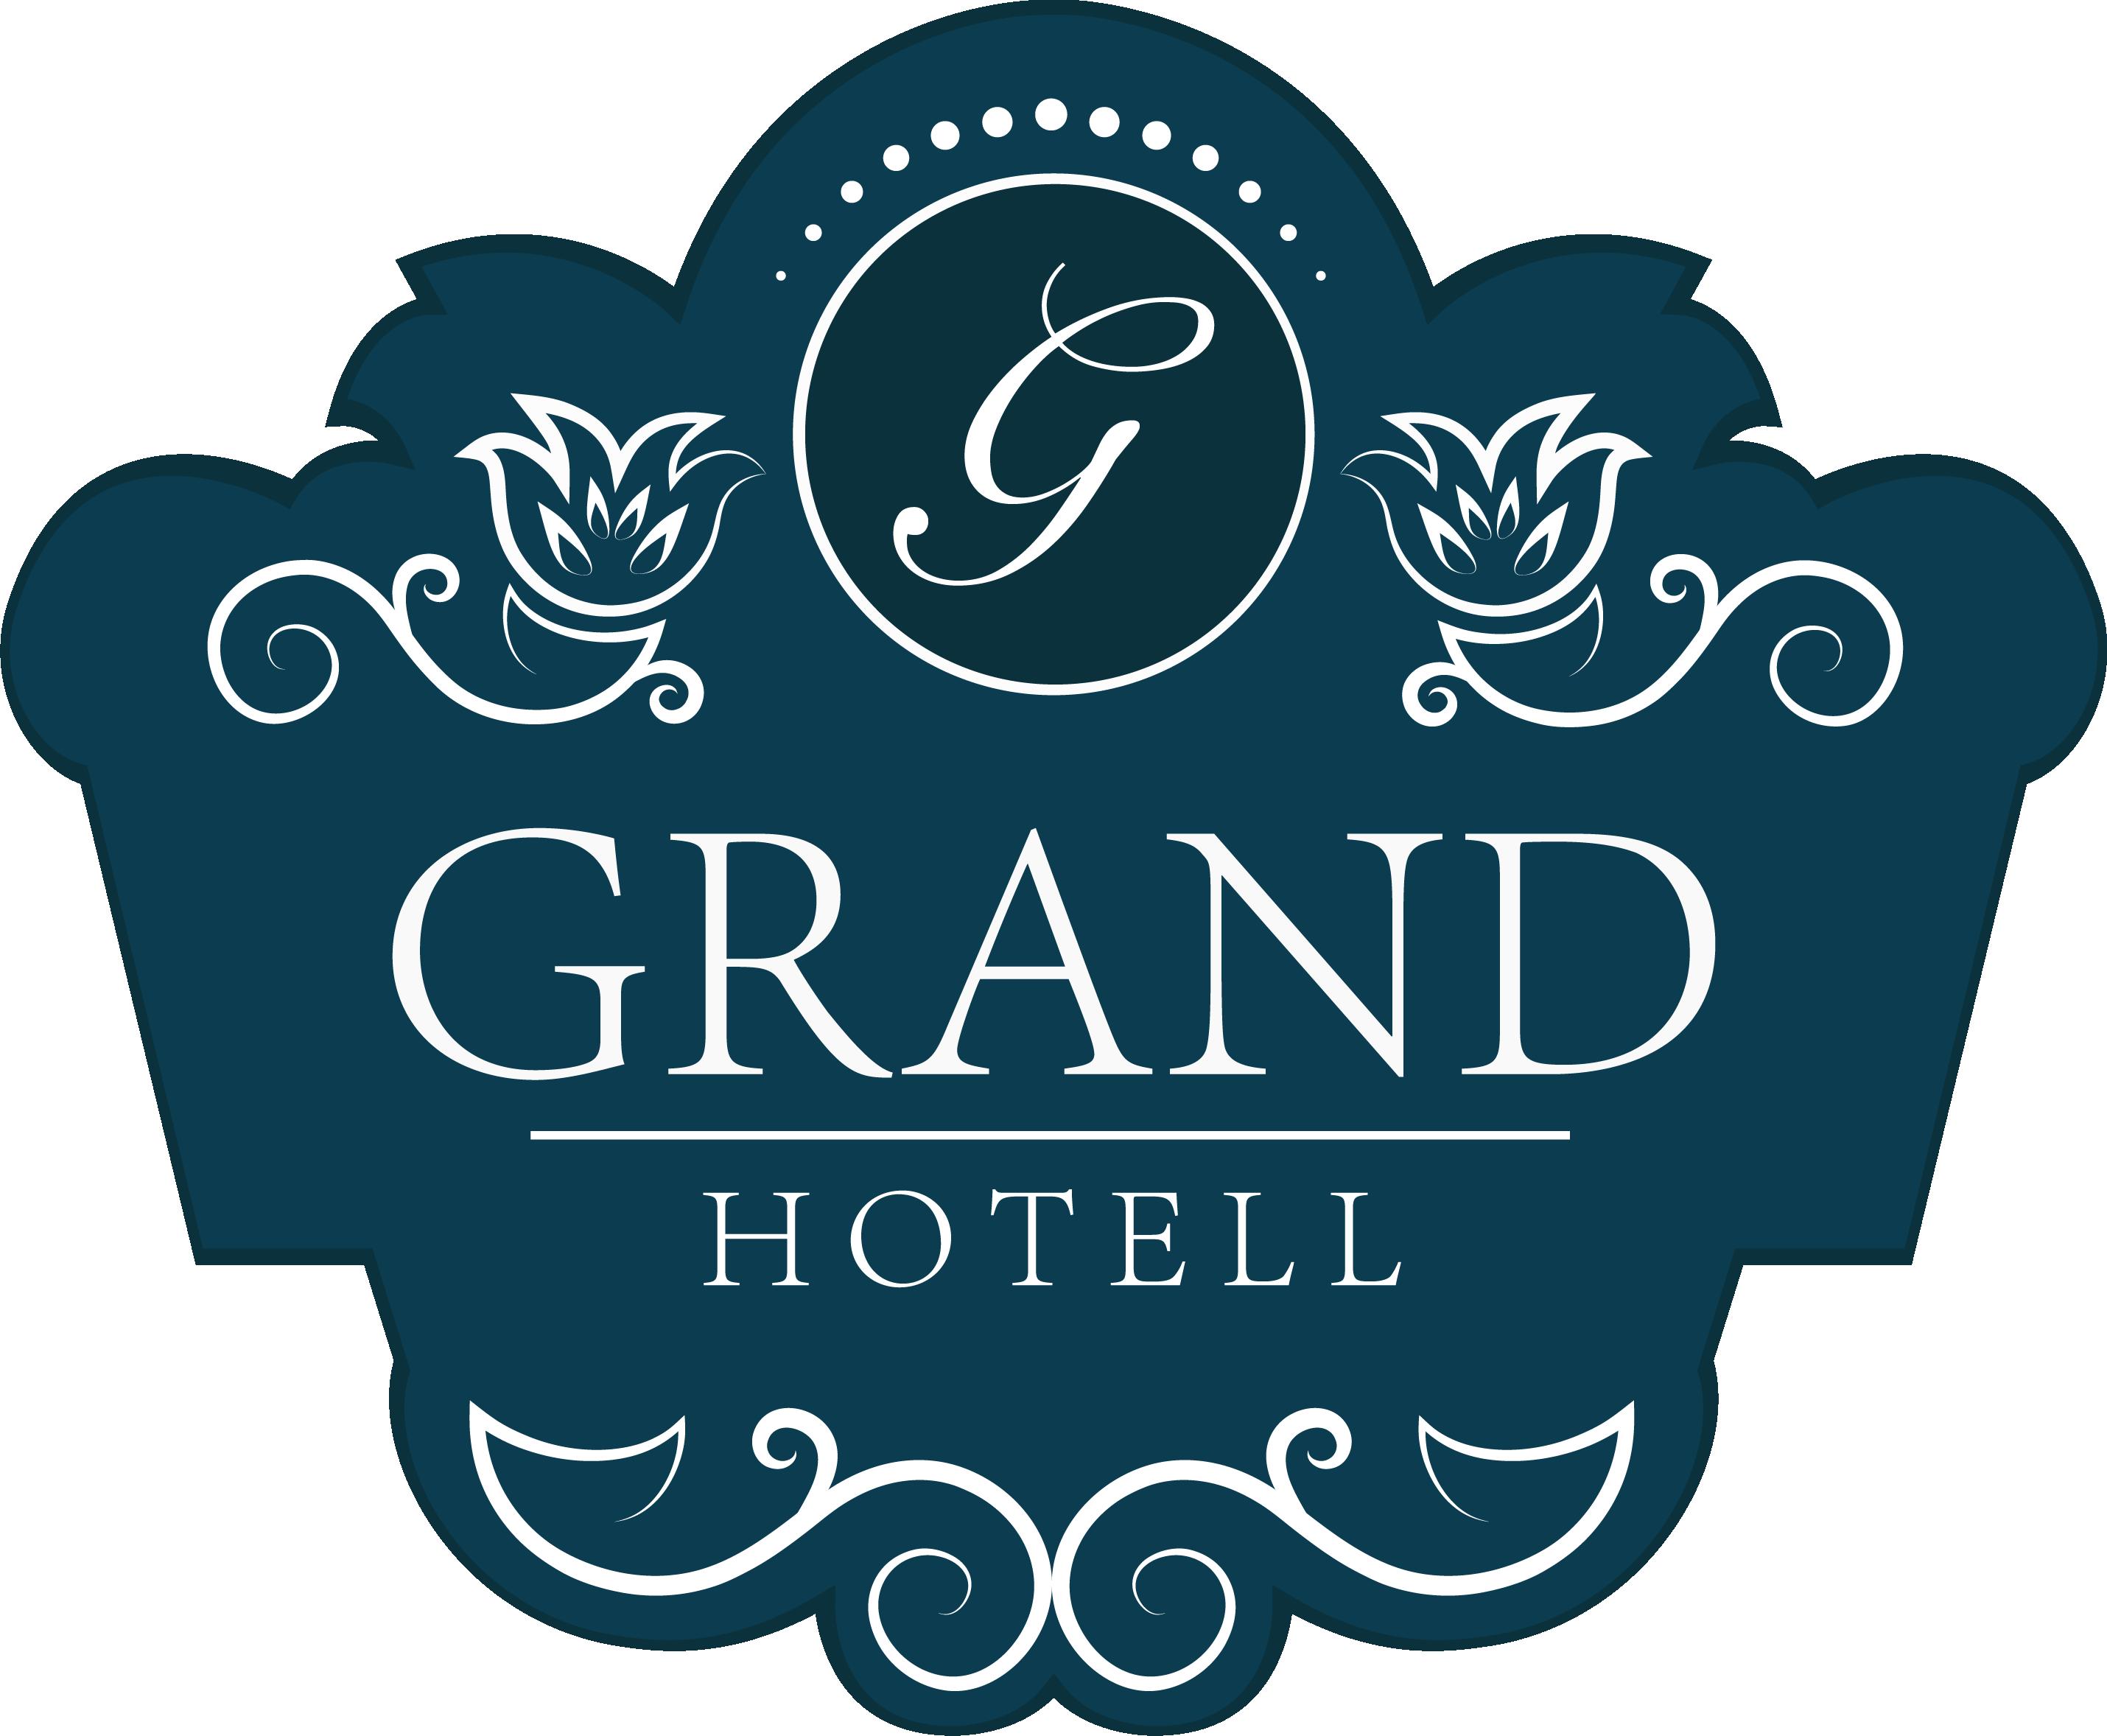 Grand Hotell Sauda